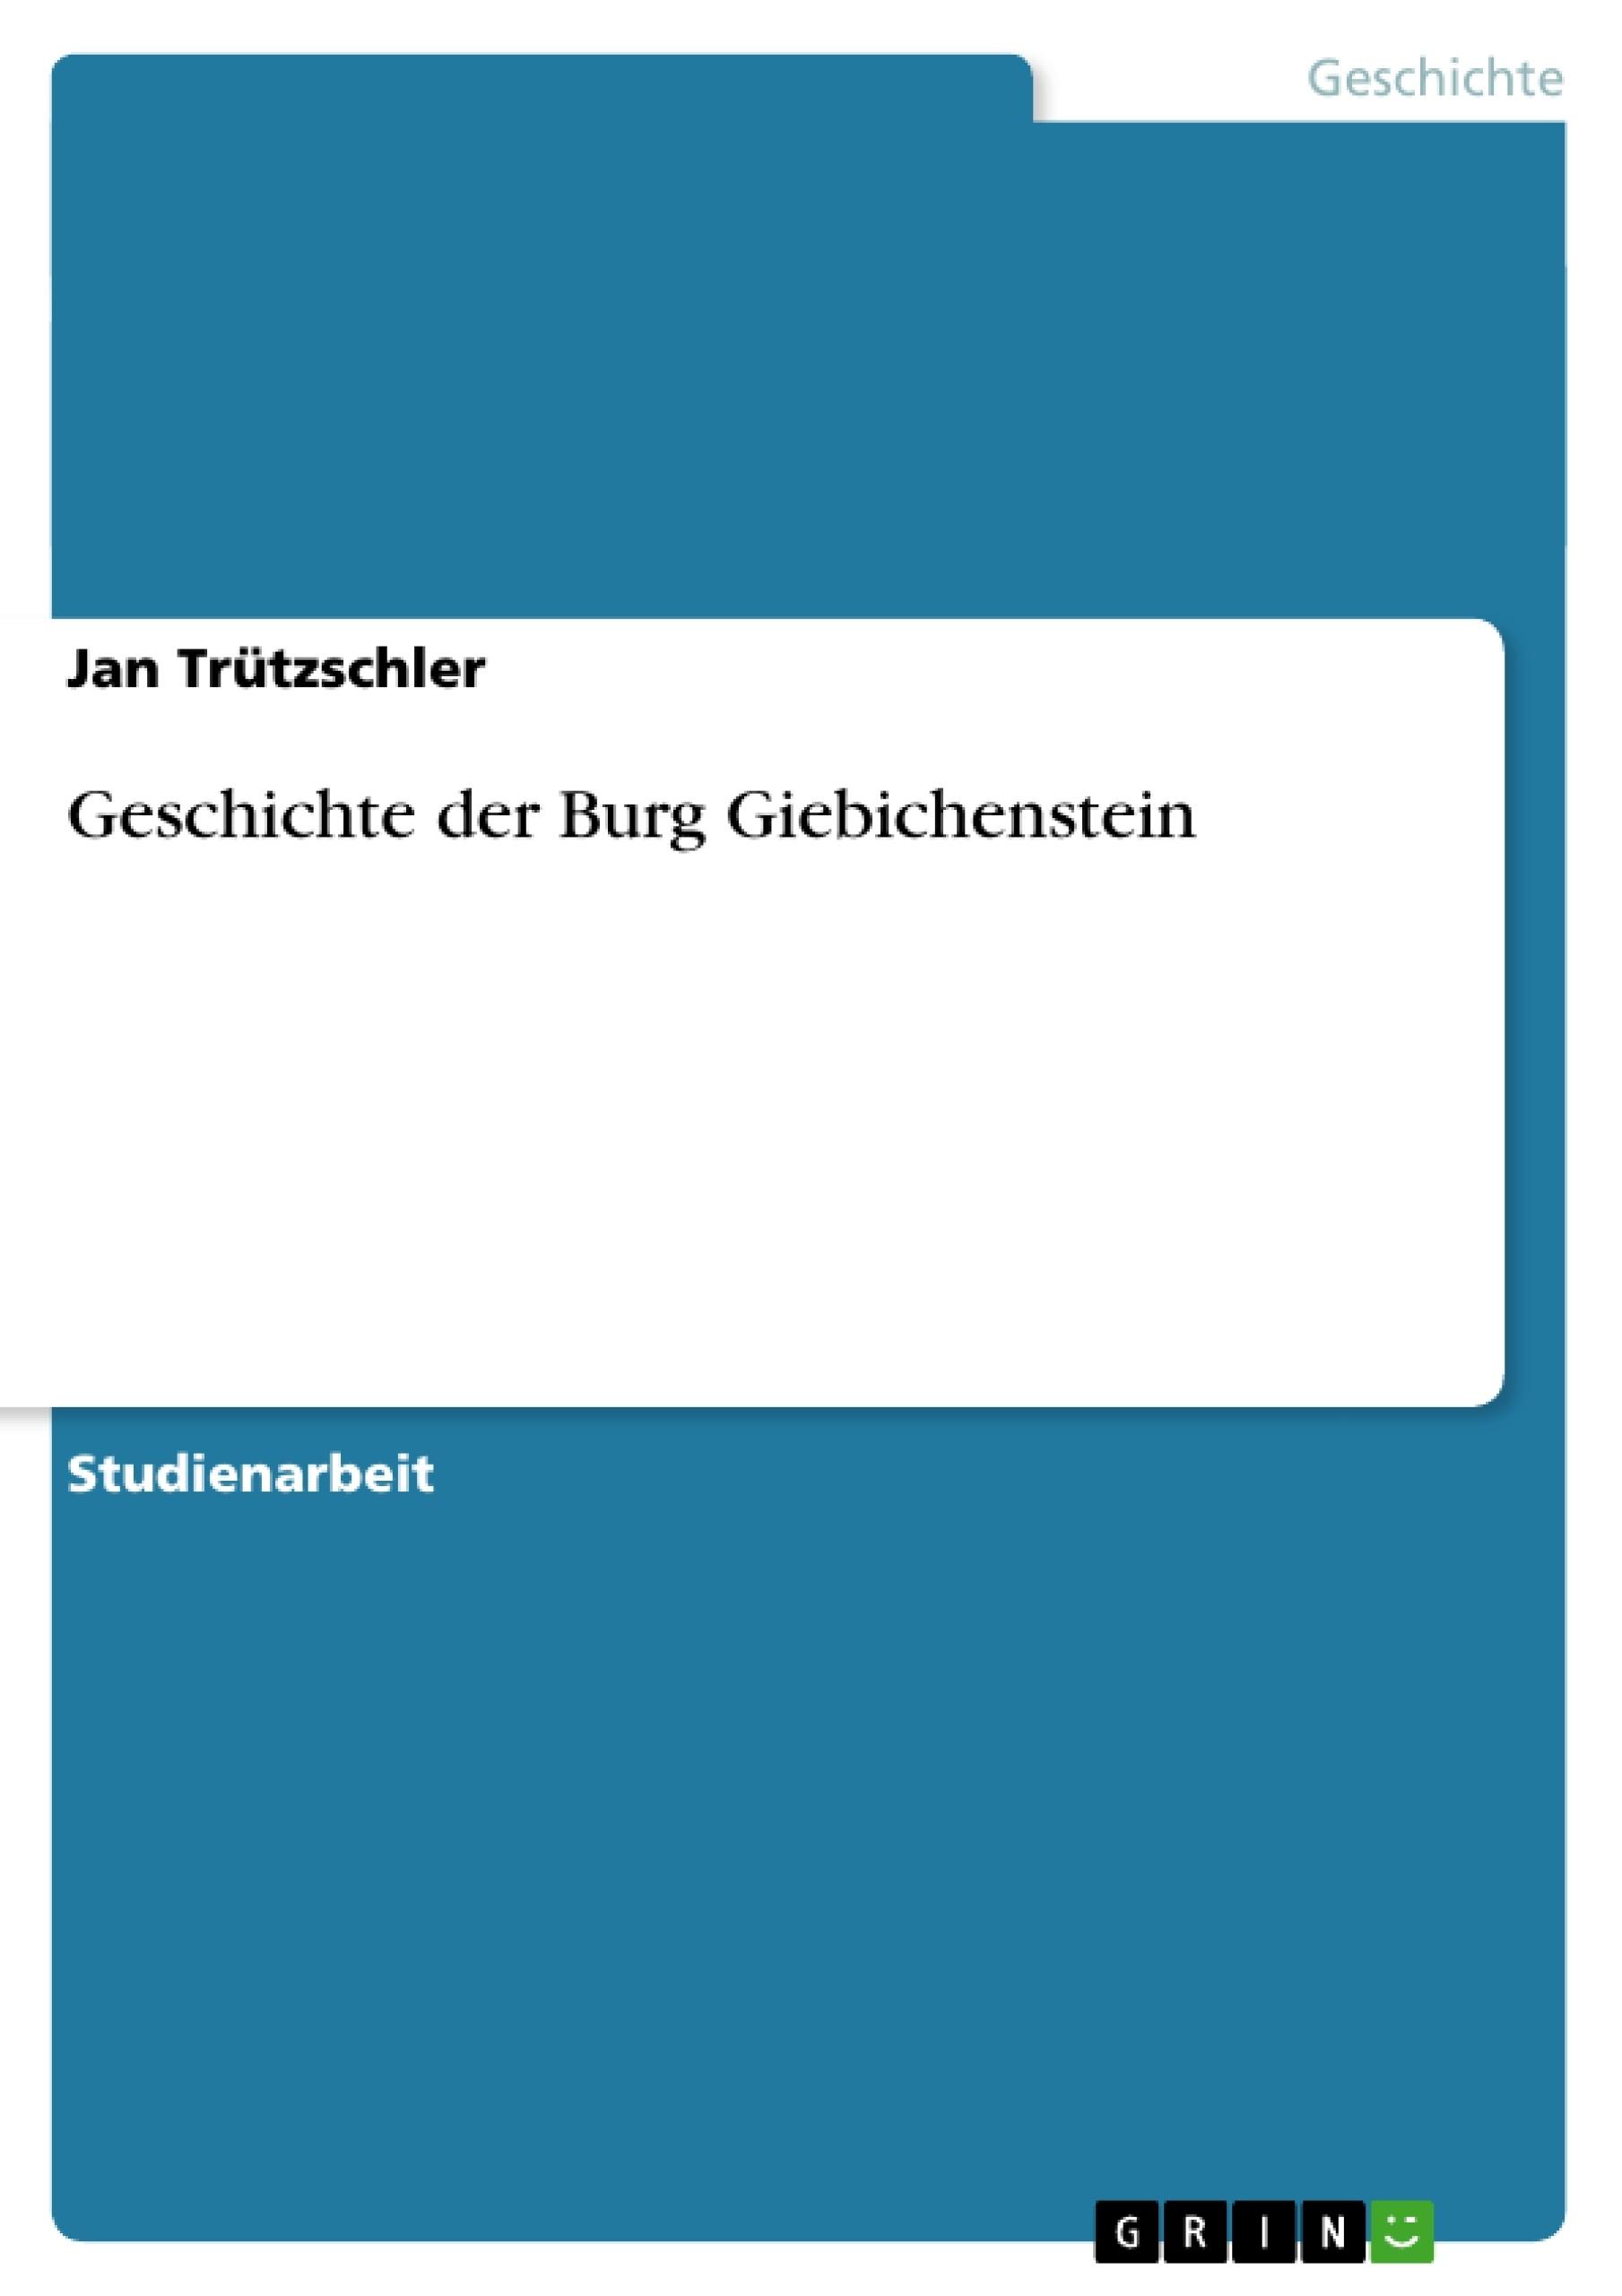 Titel: Geschichte der Burg Giebichenstein